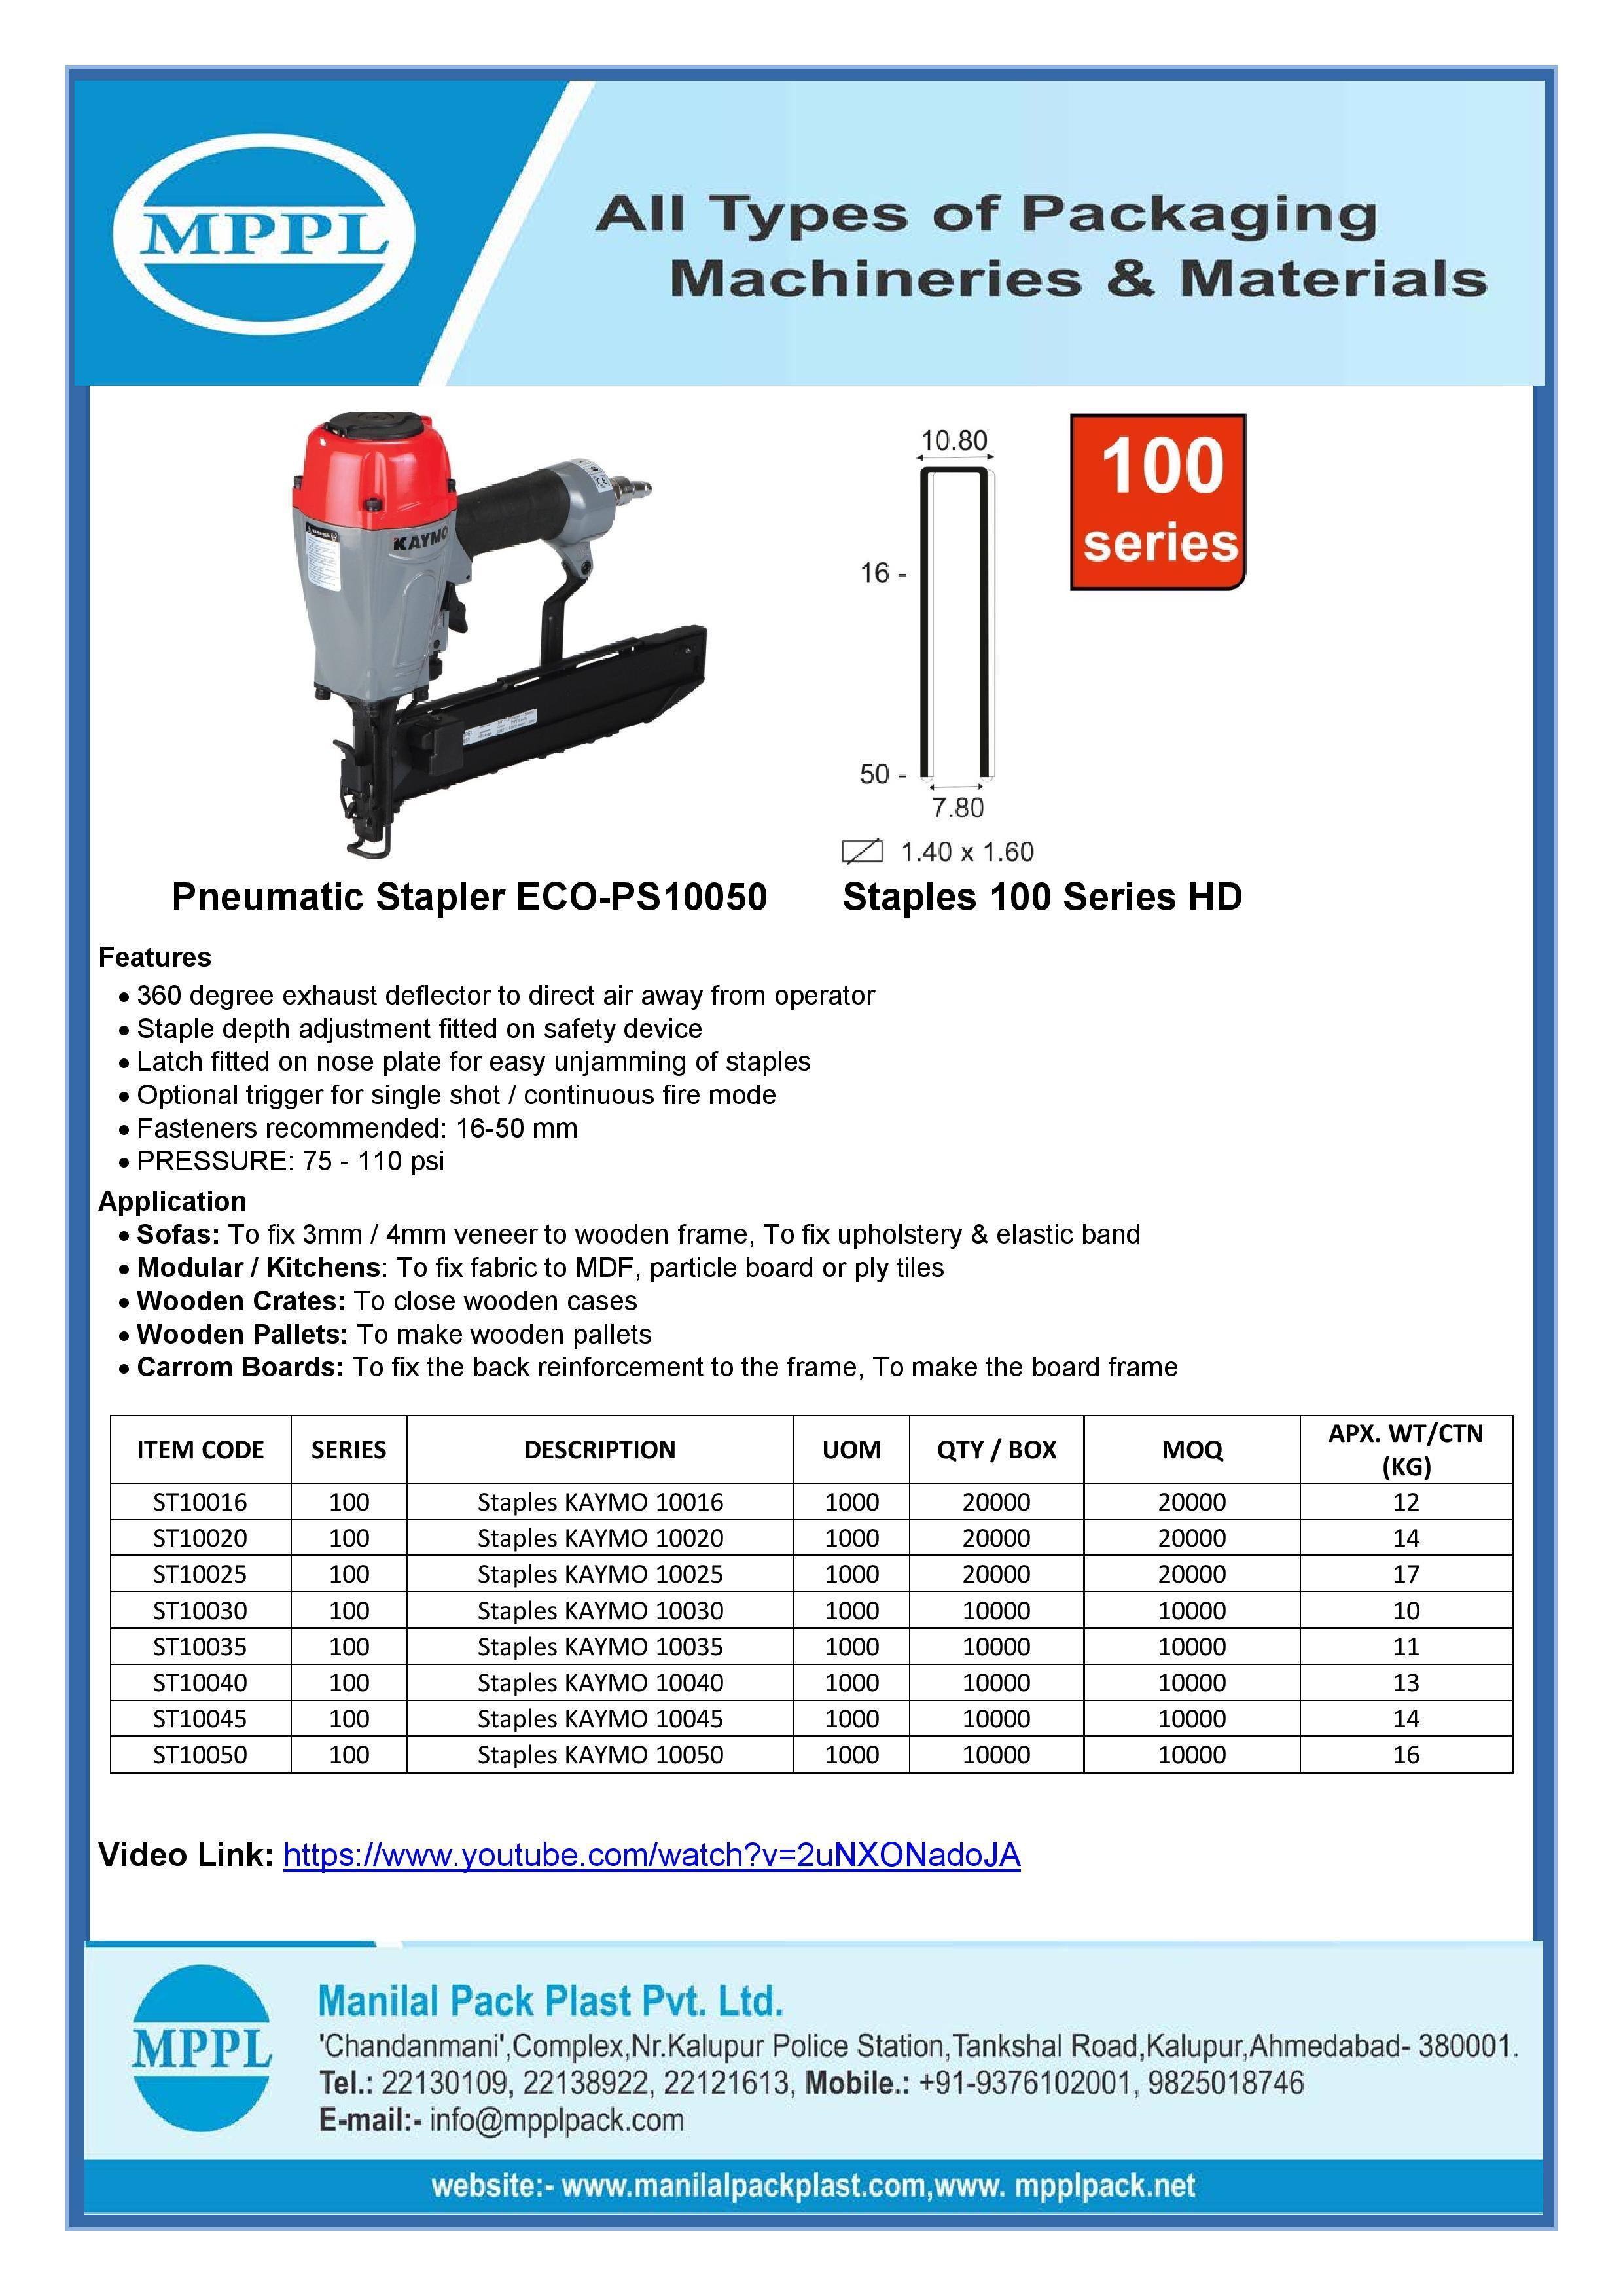 Pneumatic Stapler ECO-PS10050